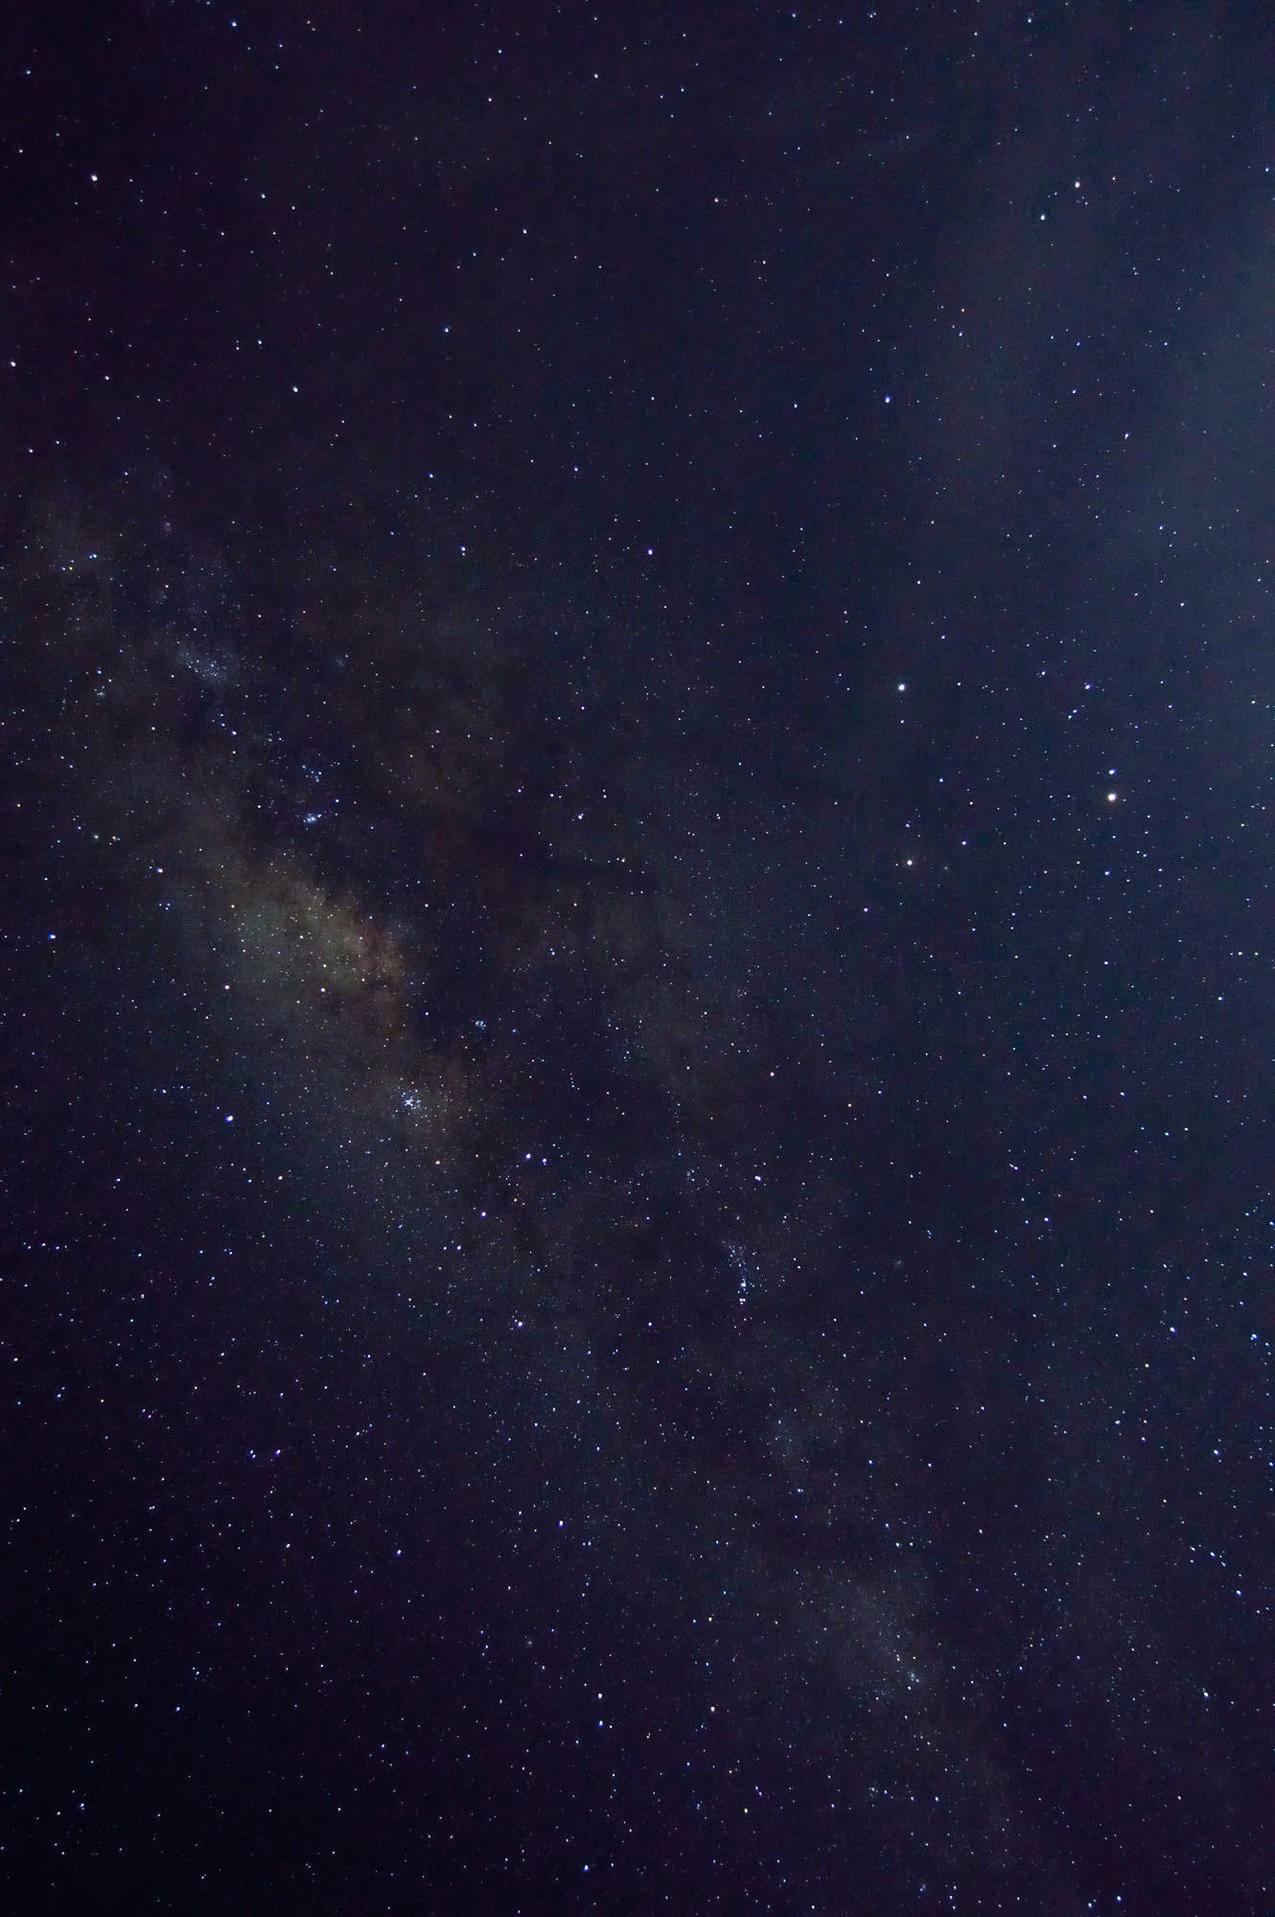 自然,天空,黑夜,黑暗的cc0可商用高清大图